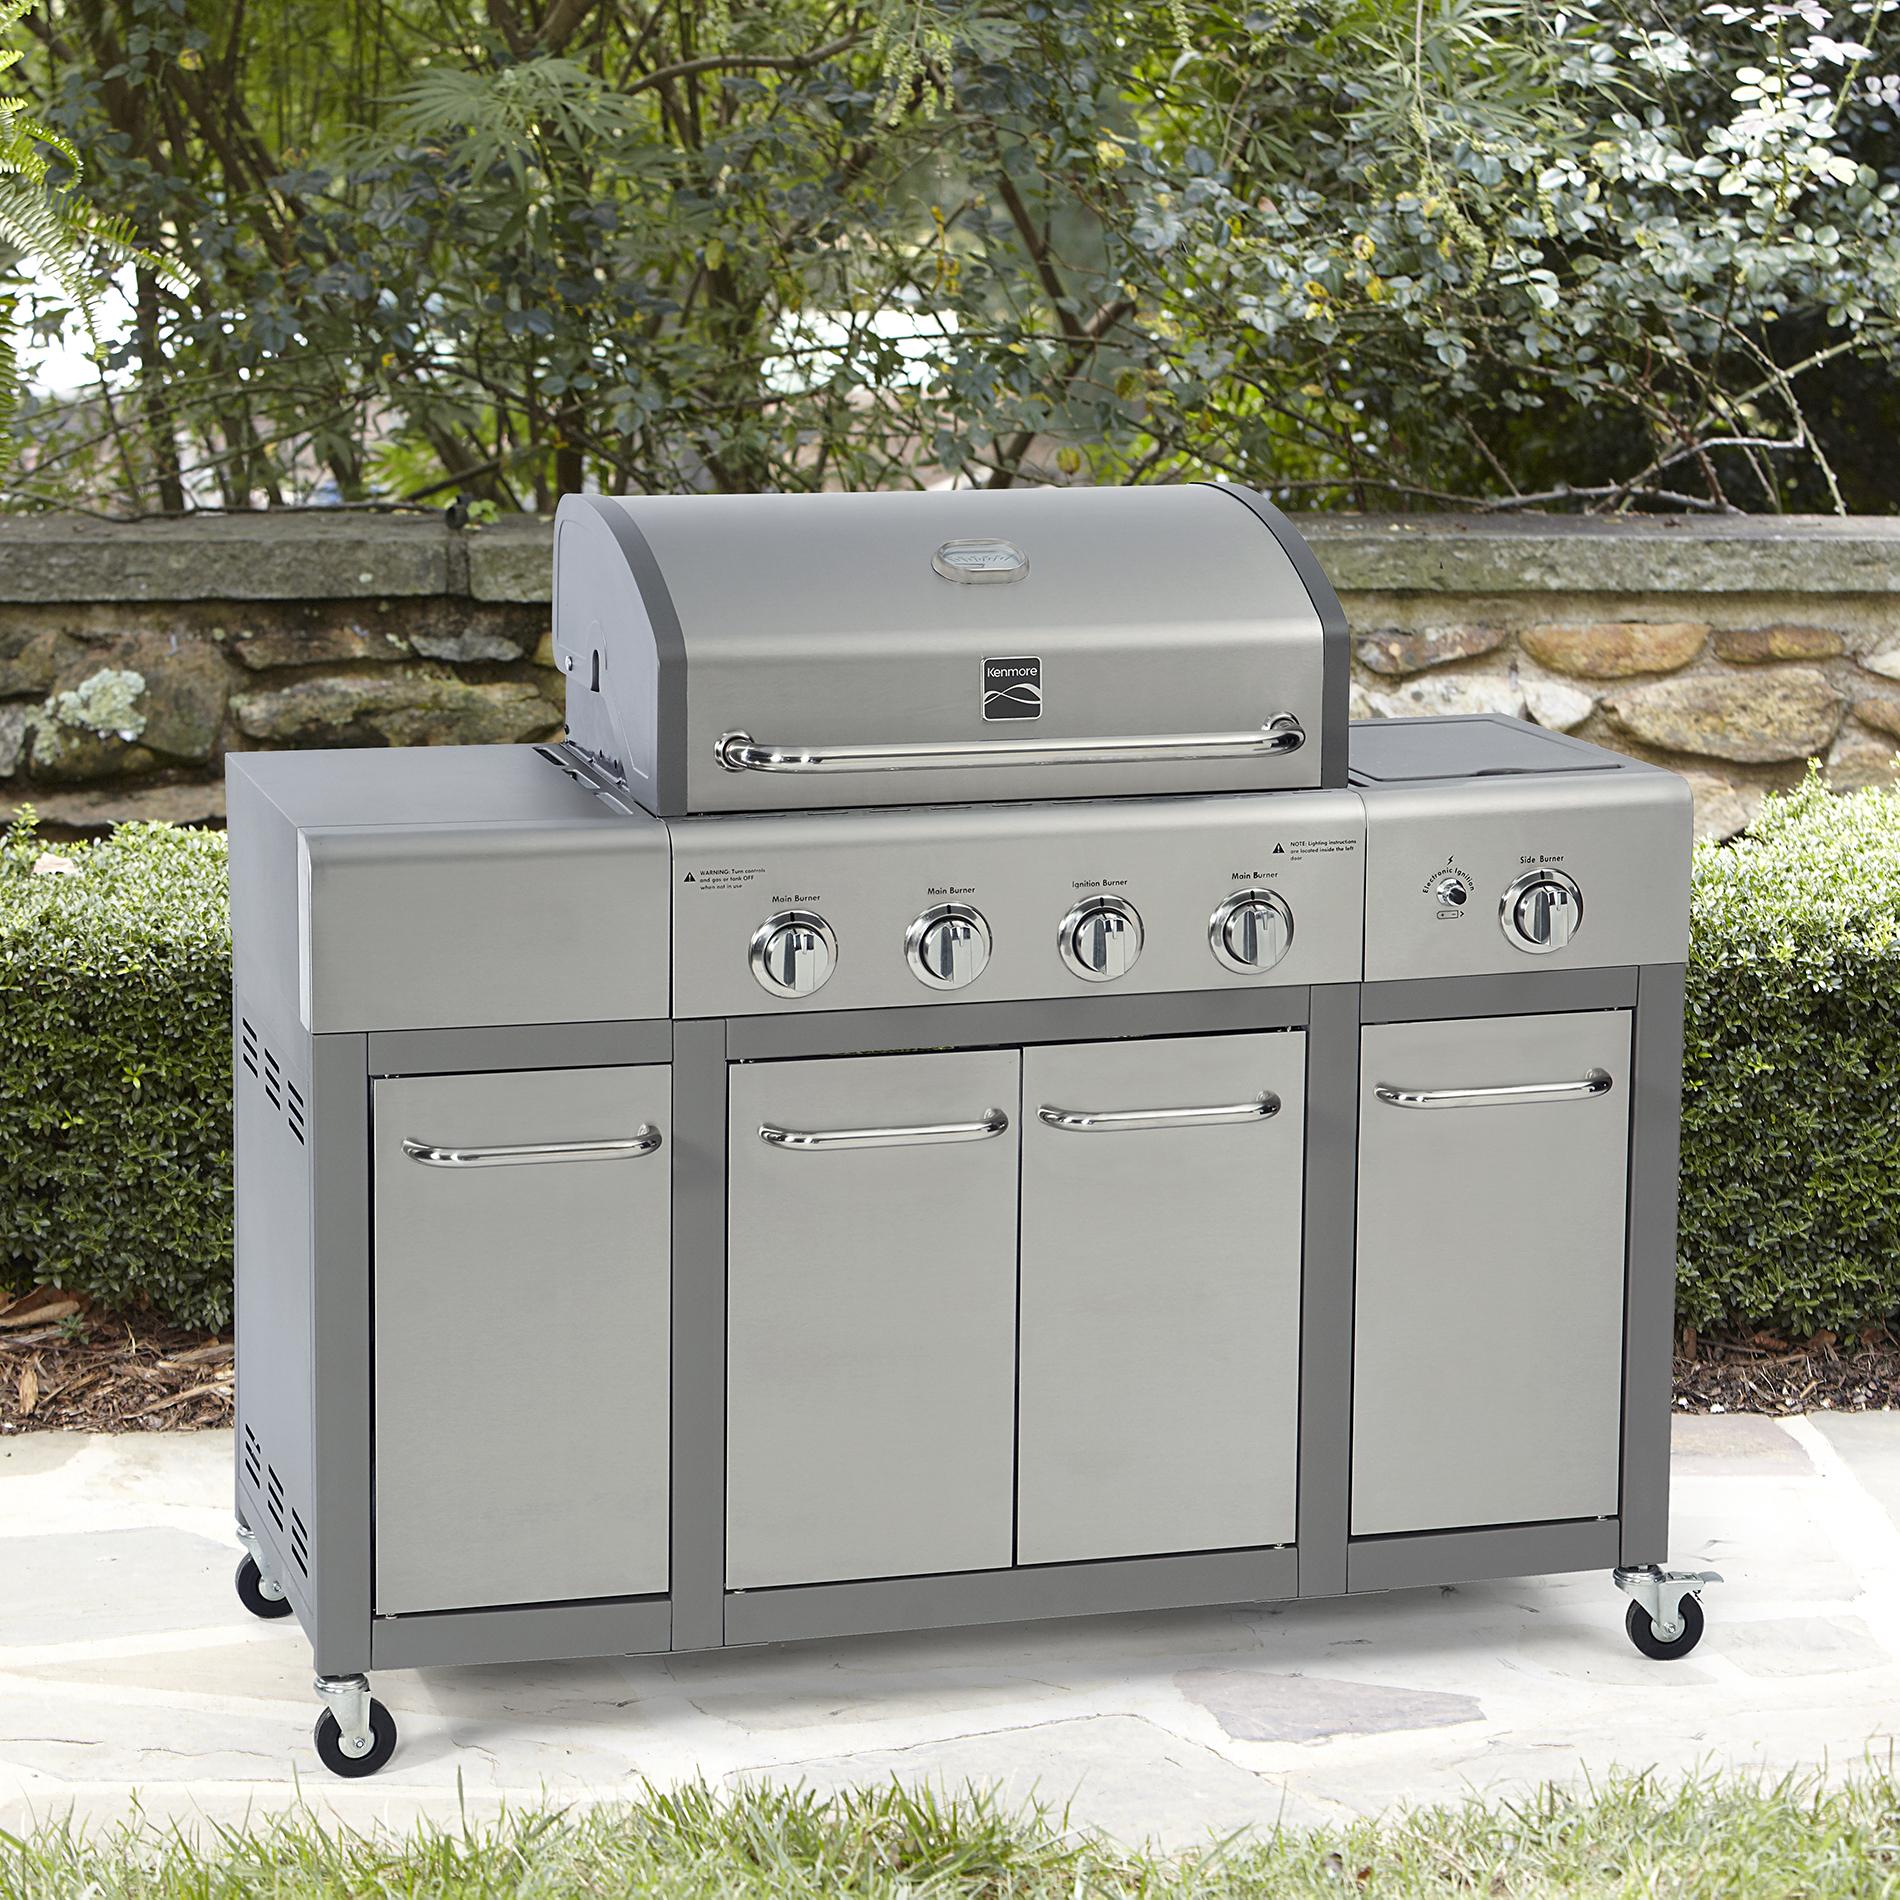 kitchen aid gas grill exhaust fans grills kitchenaid halflifetr info with